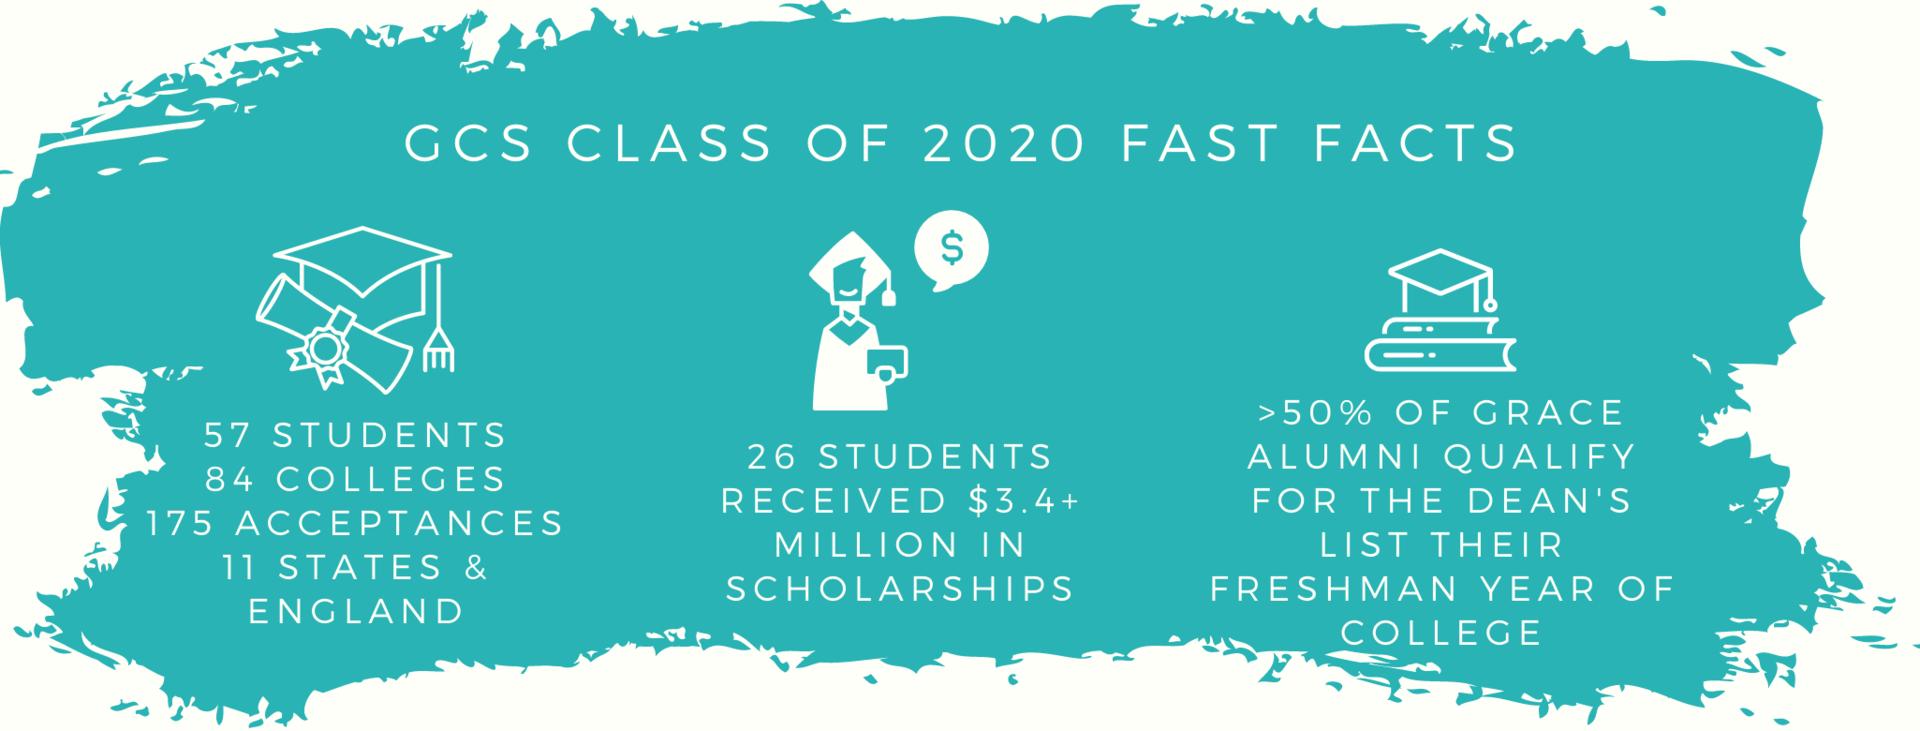 GCS Class of 2020